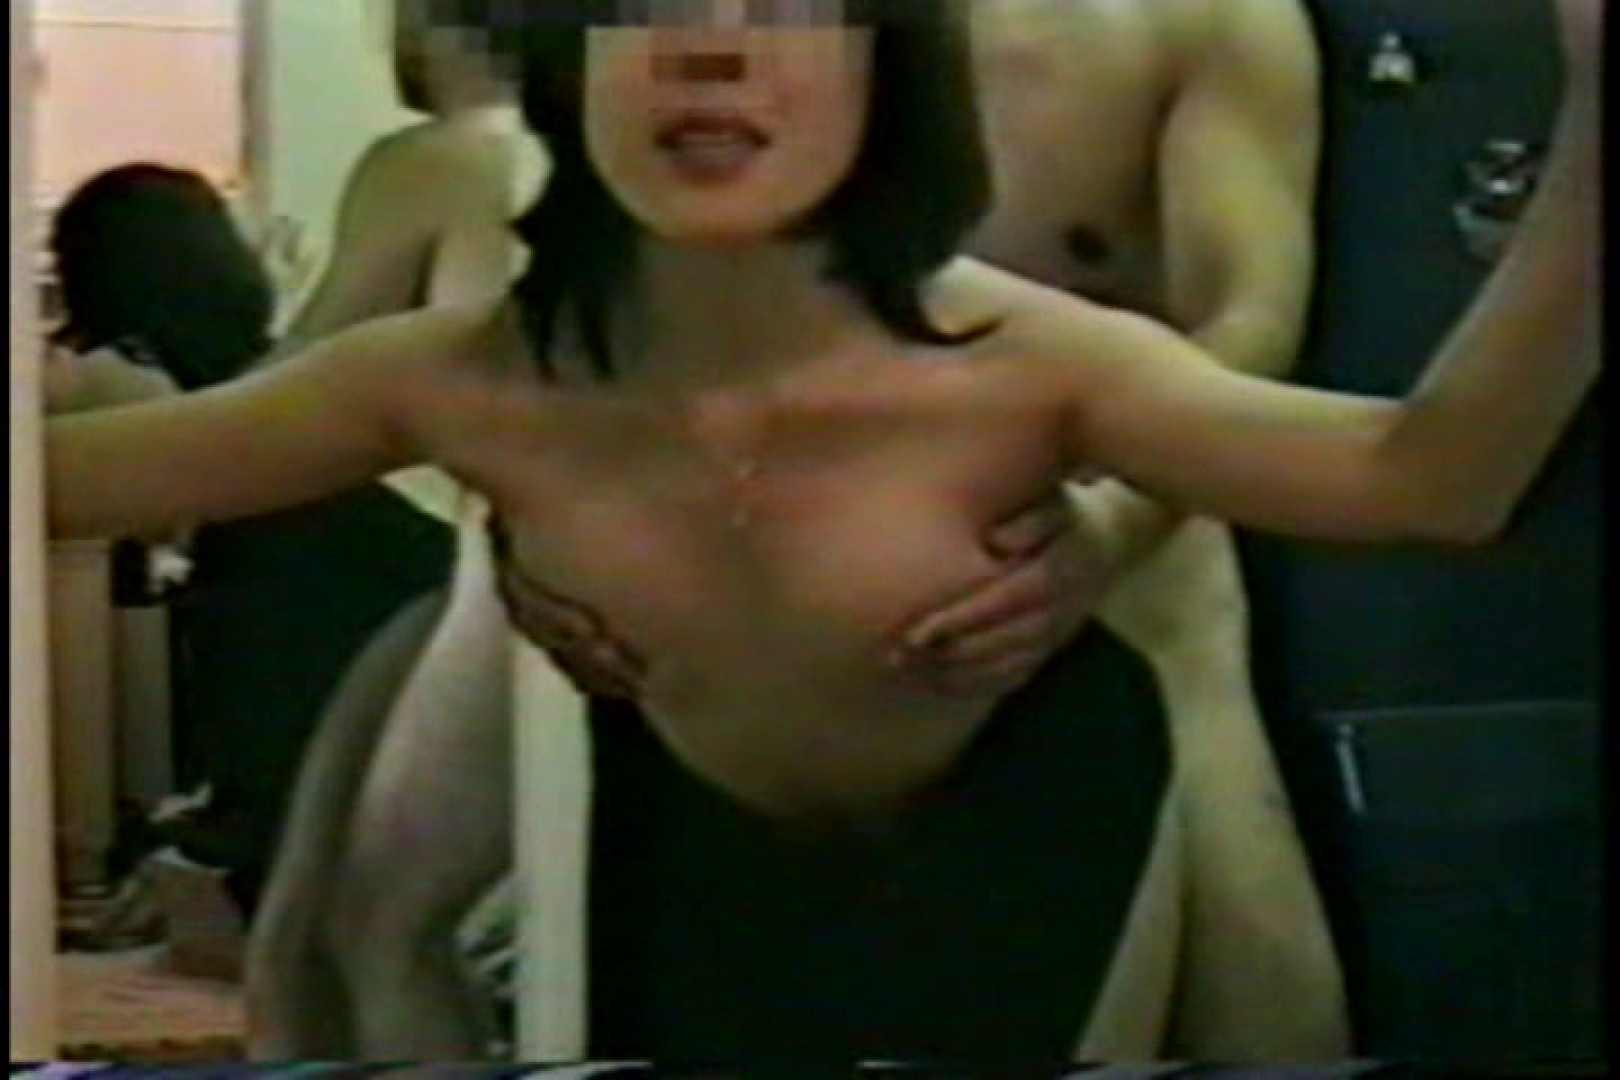 帰宅後すぐにSEXする夫婦 そして口内発射 投稿 エロ画像 60連発 18